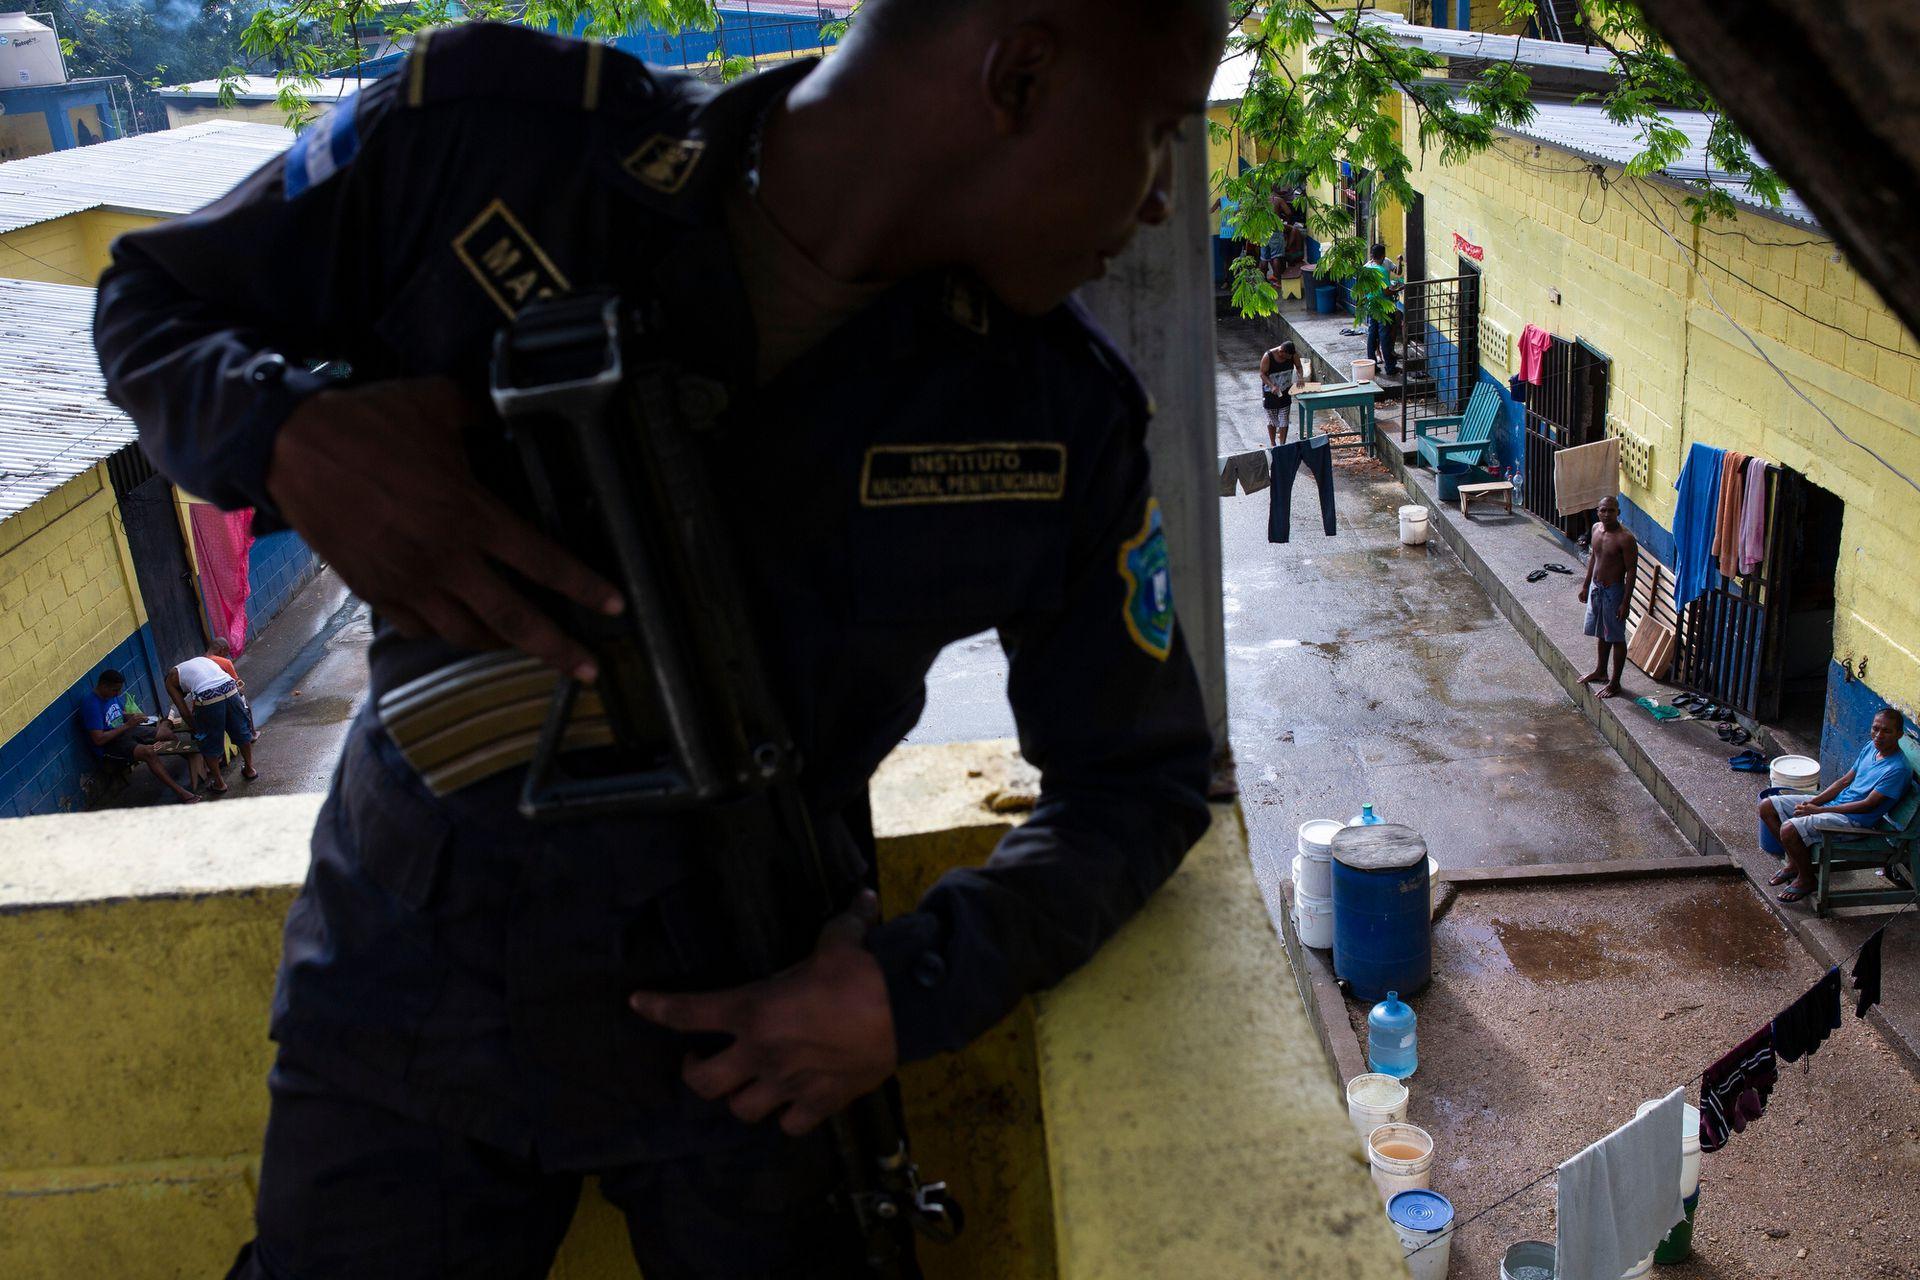 Un guardia penitenciario vigila los prisioneros en la cárcel de Puerto Lempira, en Honduras